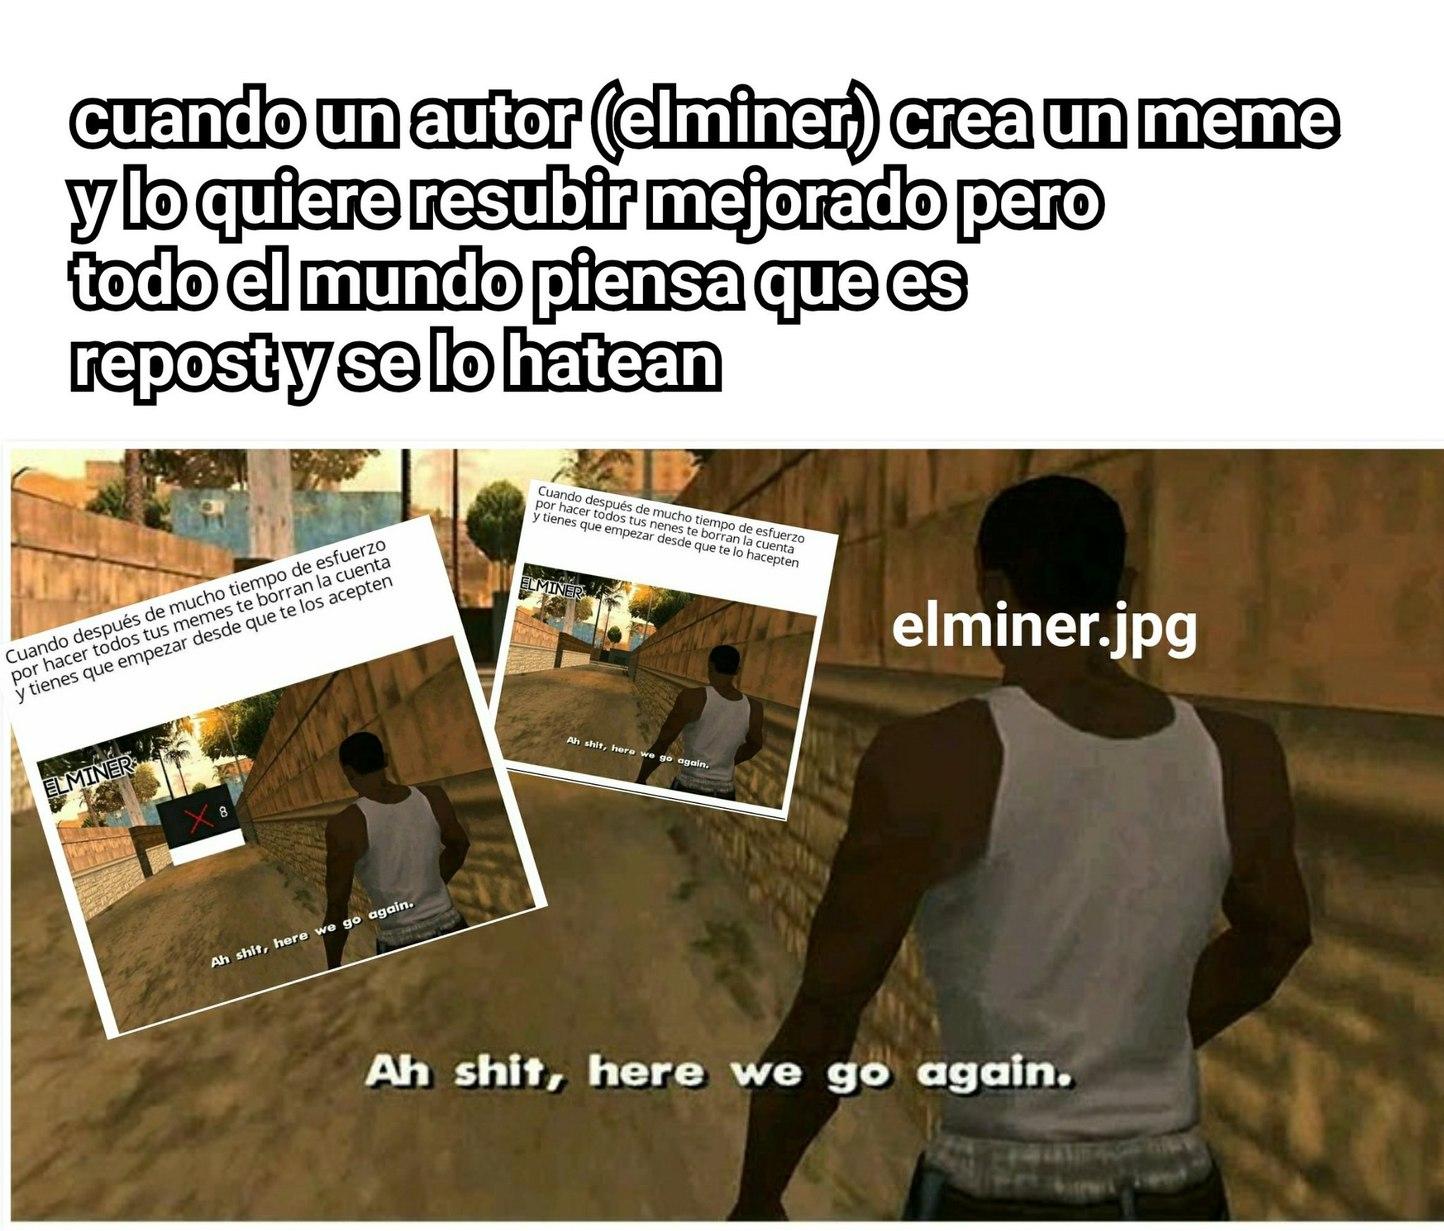 Elminer crack me hizo gracia tu/tus meme/memes